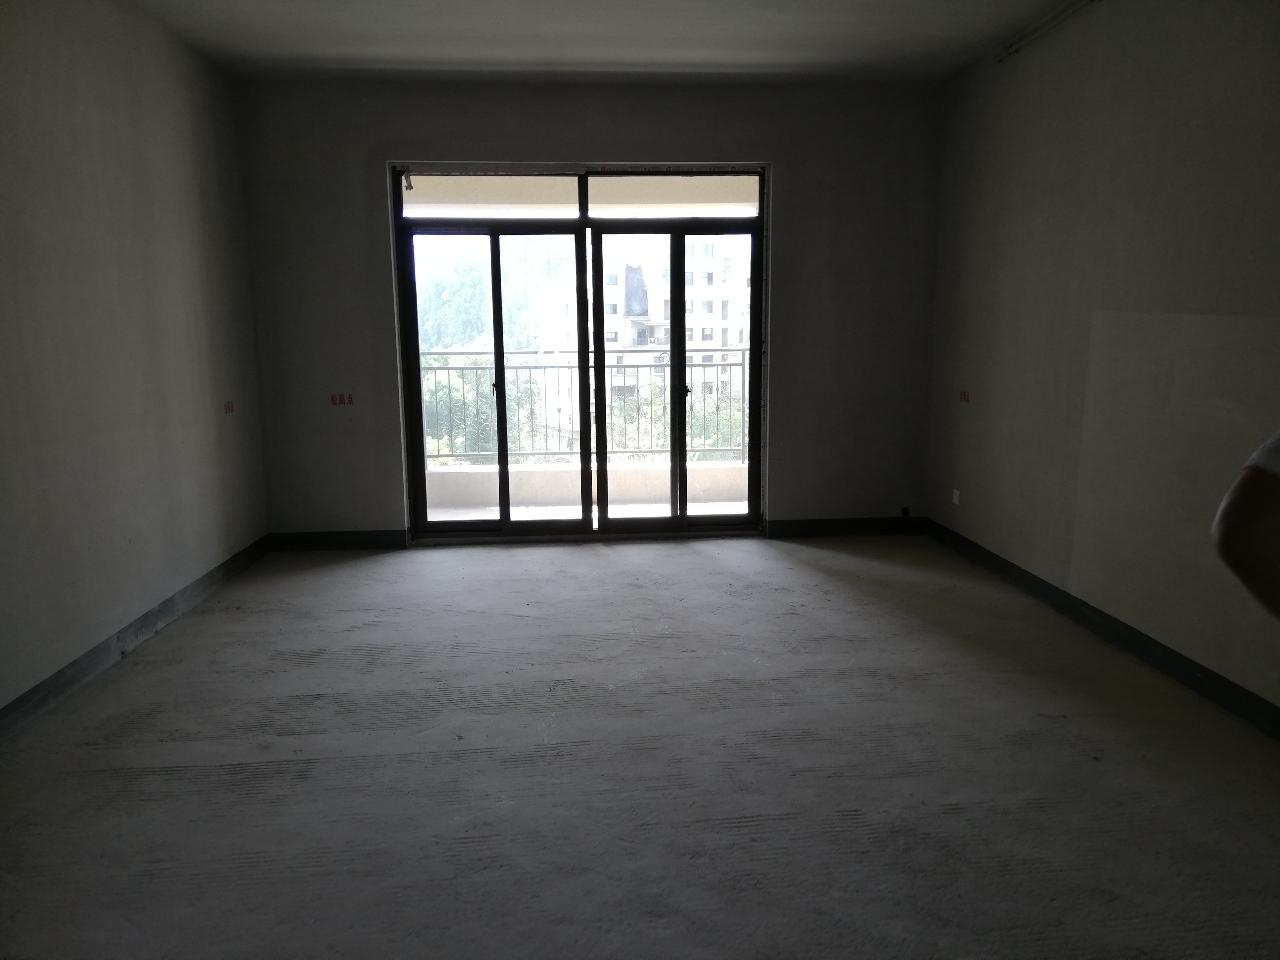 鑫沃世纪城清水洋房3室 2厅 2卫78万元